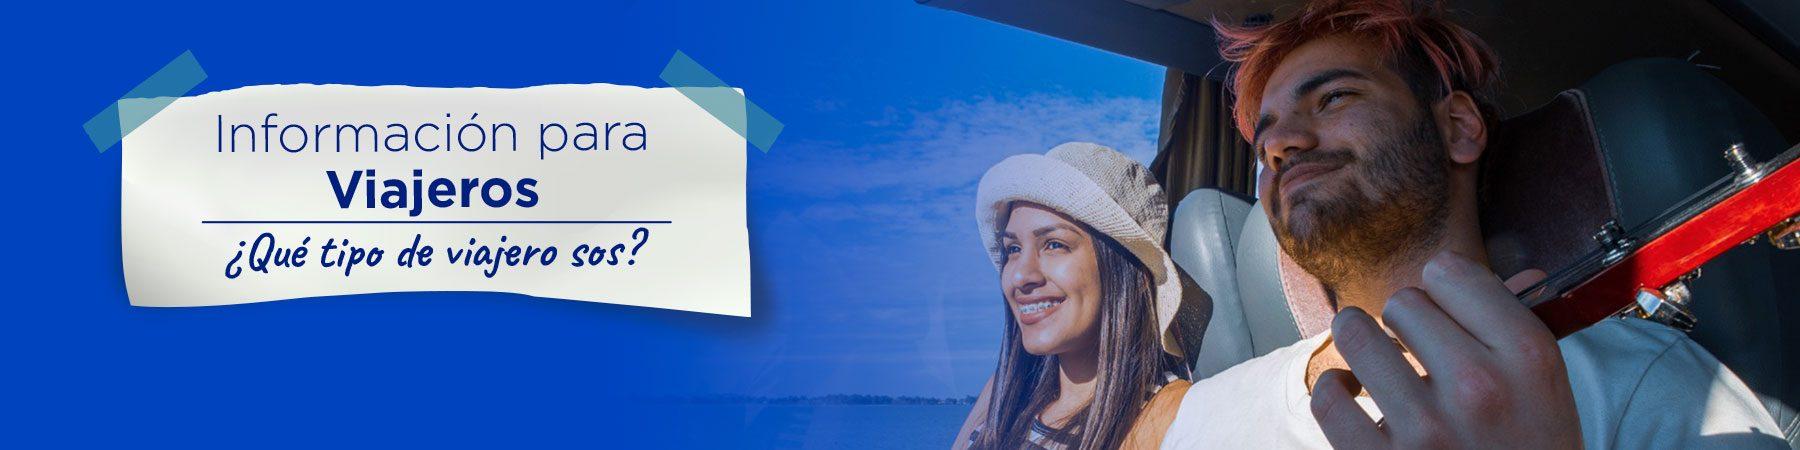 informacion-recomendaciones-servicios-beneficios-viajes-micro-flecha-bus-argentina-brasil-familias-turistas-estudiantes-jubilados-mochileros-44542